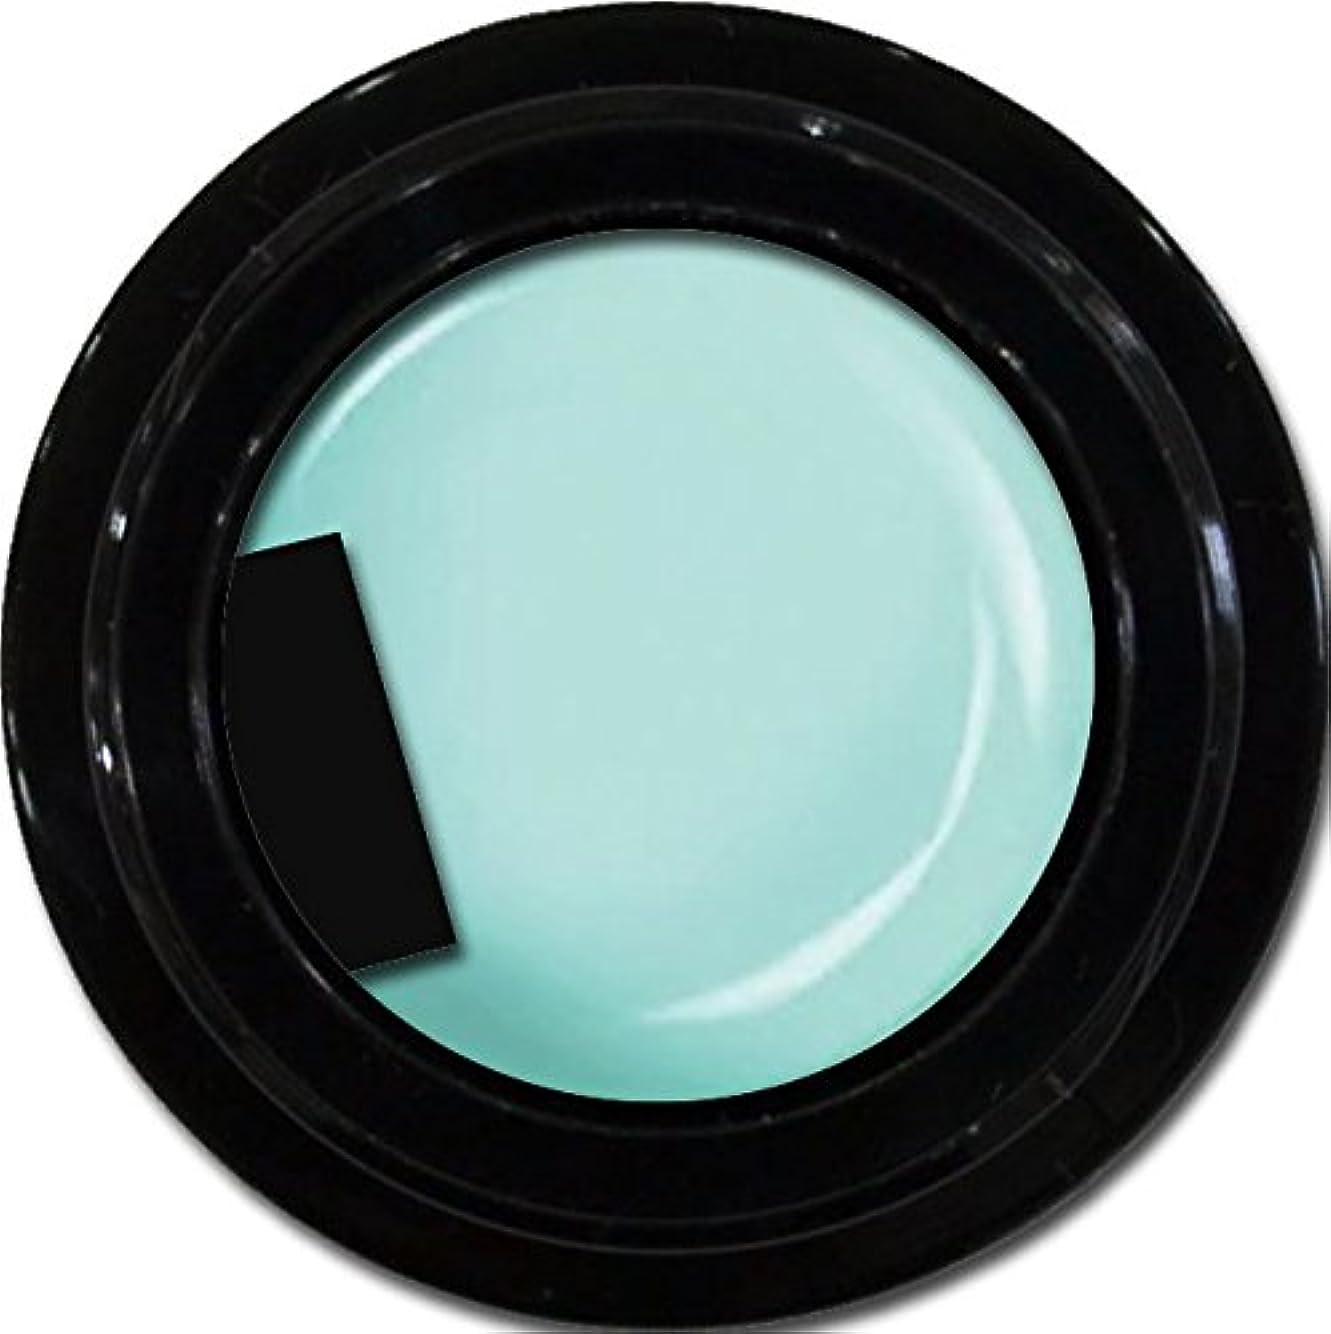 役に立つ飲料と闘うカラージェル enchant color gel M704 SianBlue 3g/ マットカラージェル M704 サイアンブルー 3グラム